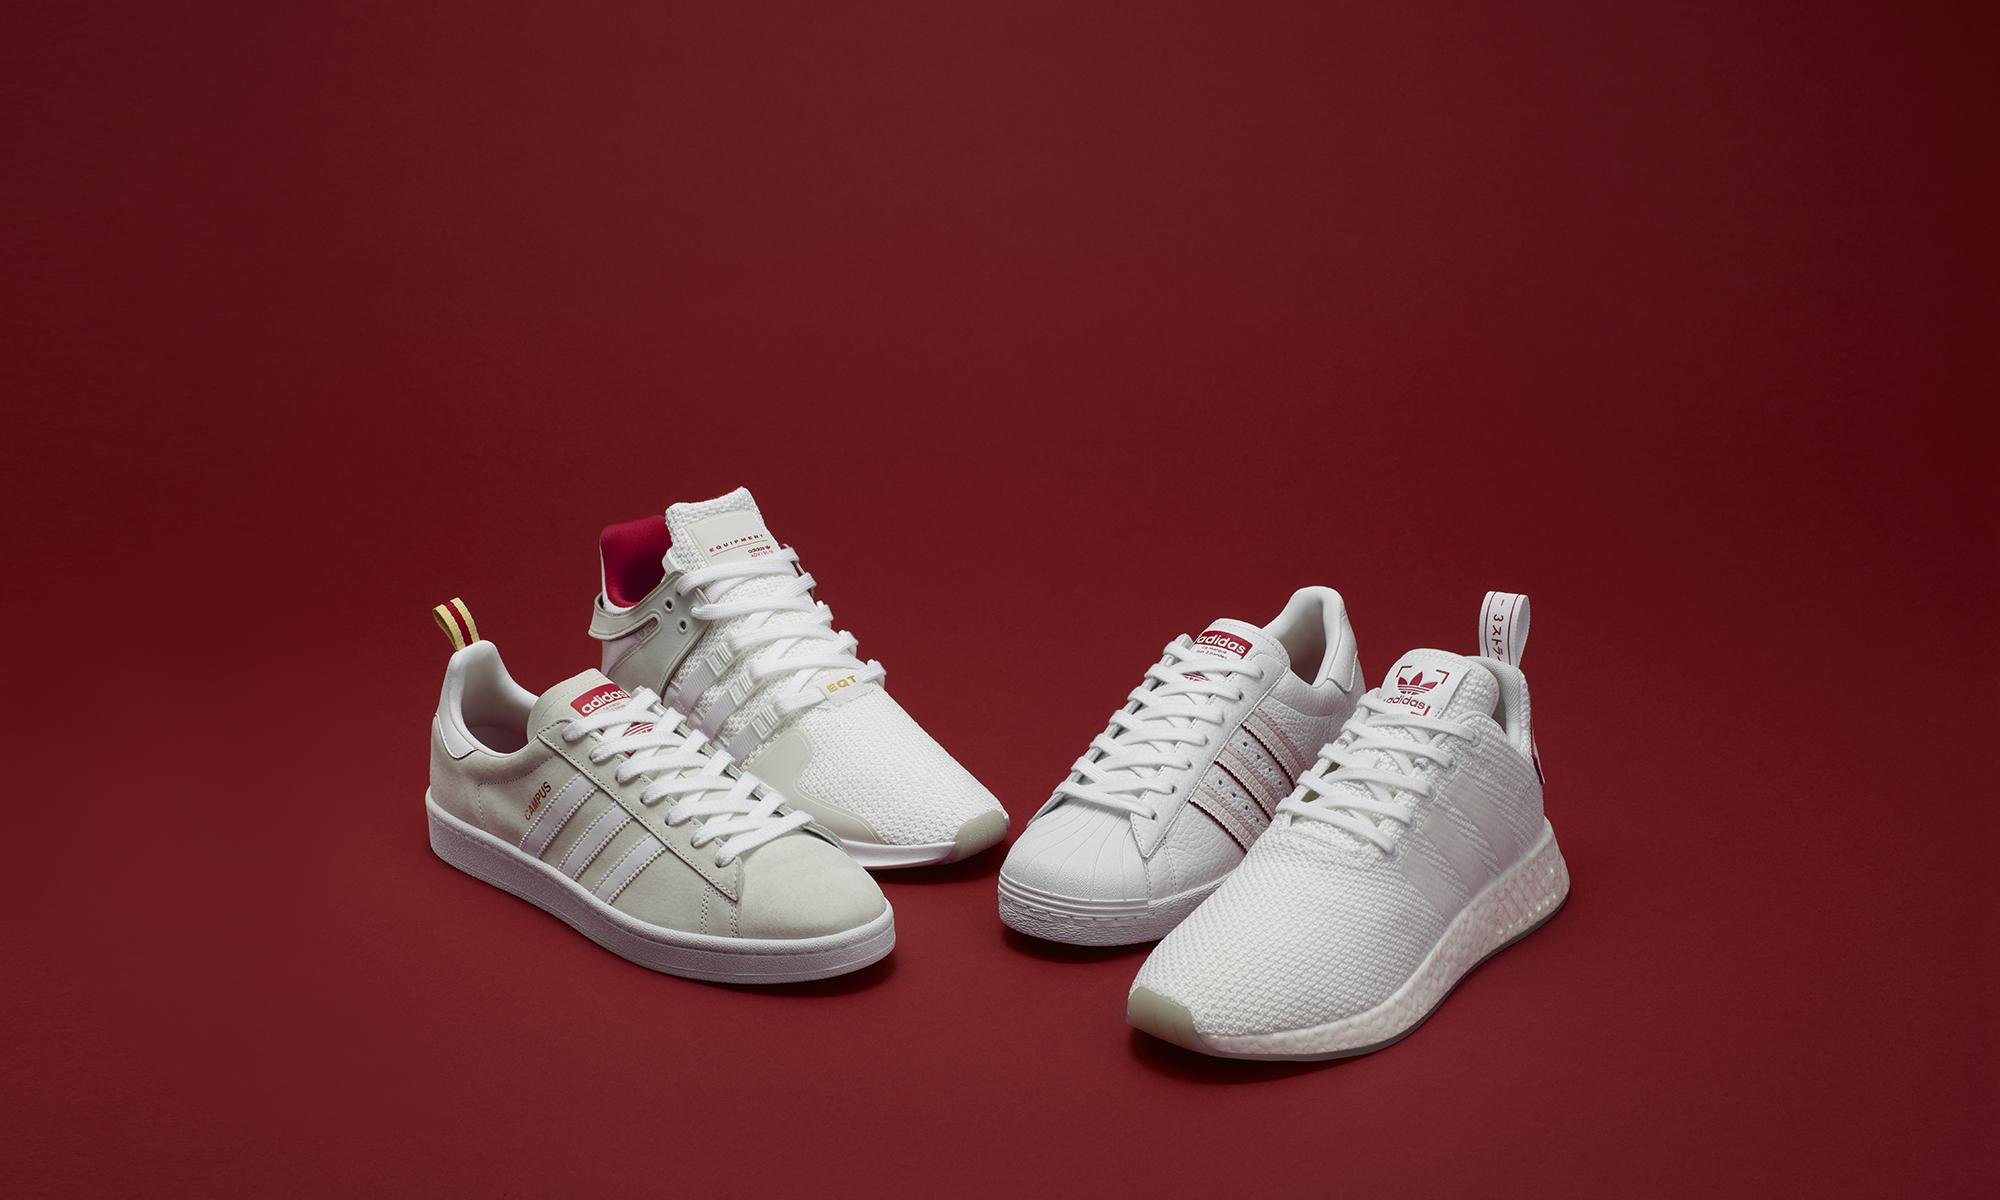 庆祝中国新年,adidas Originals 全新中国新年别注系列登场